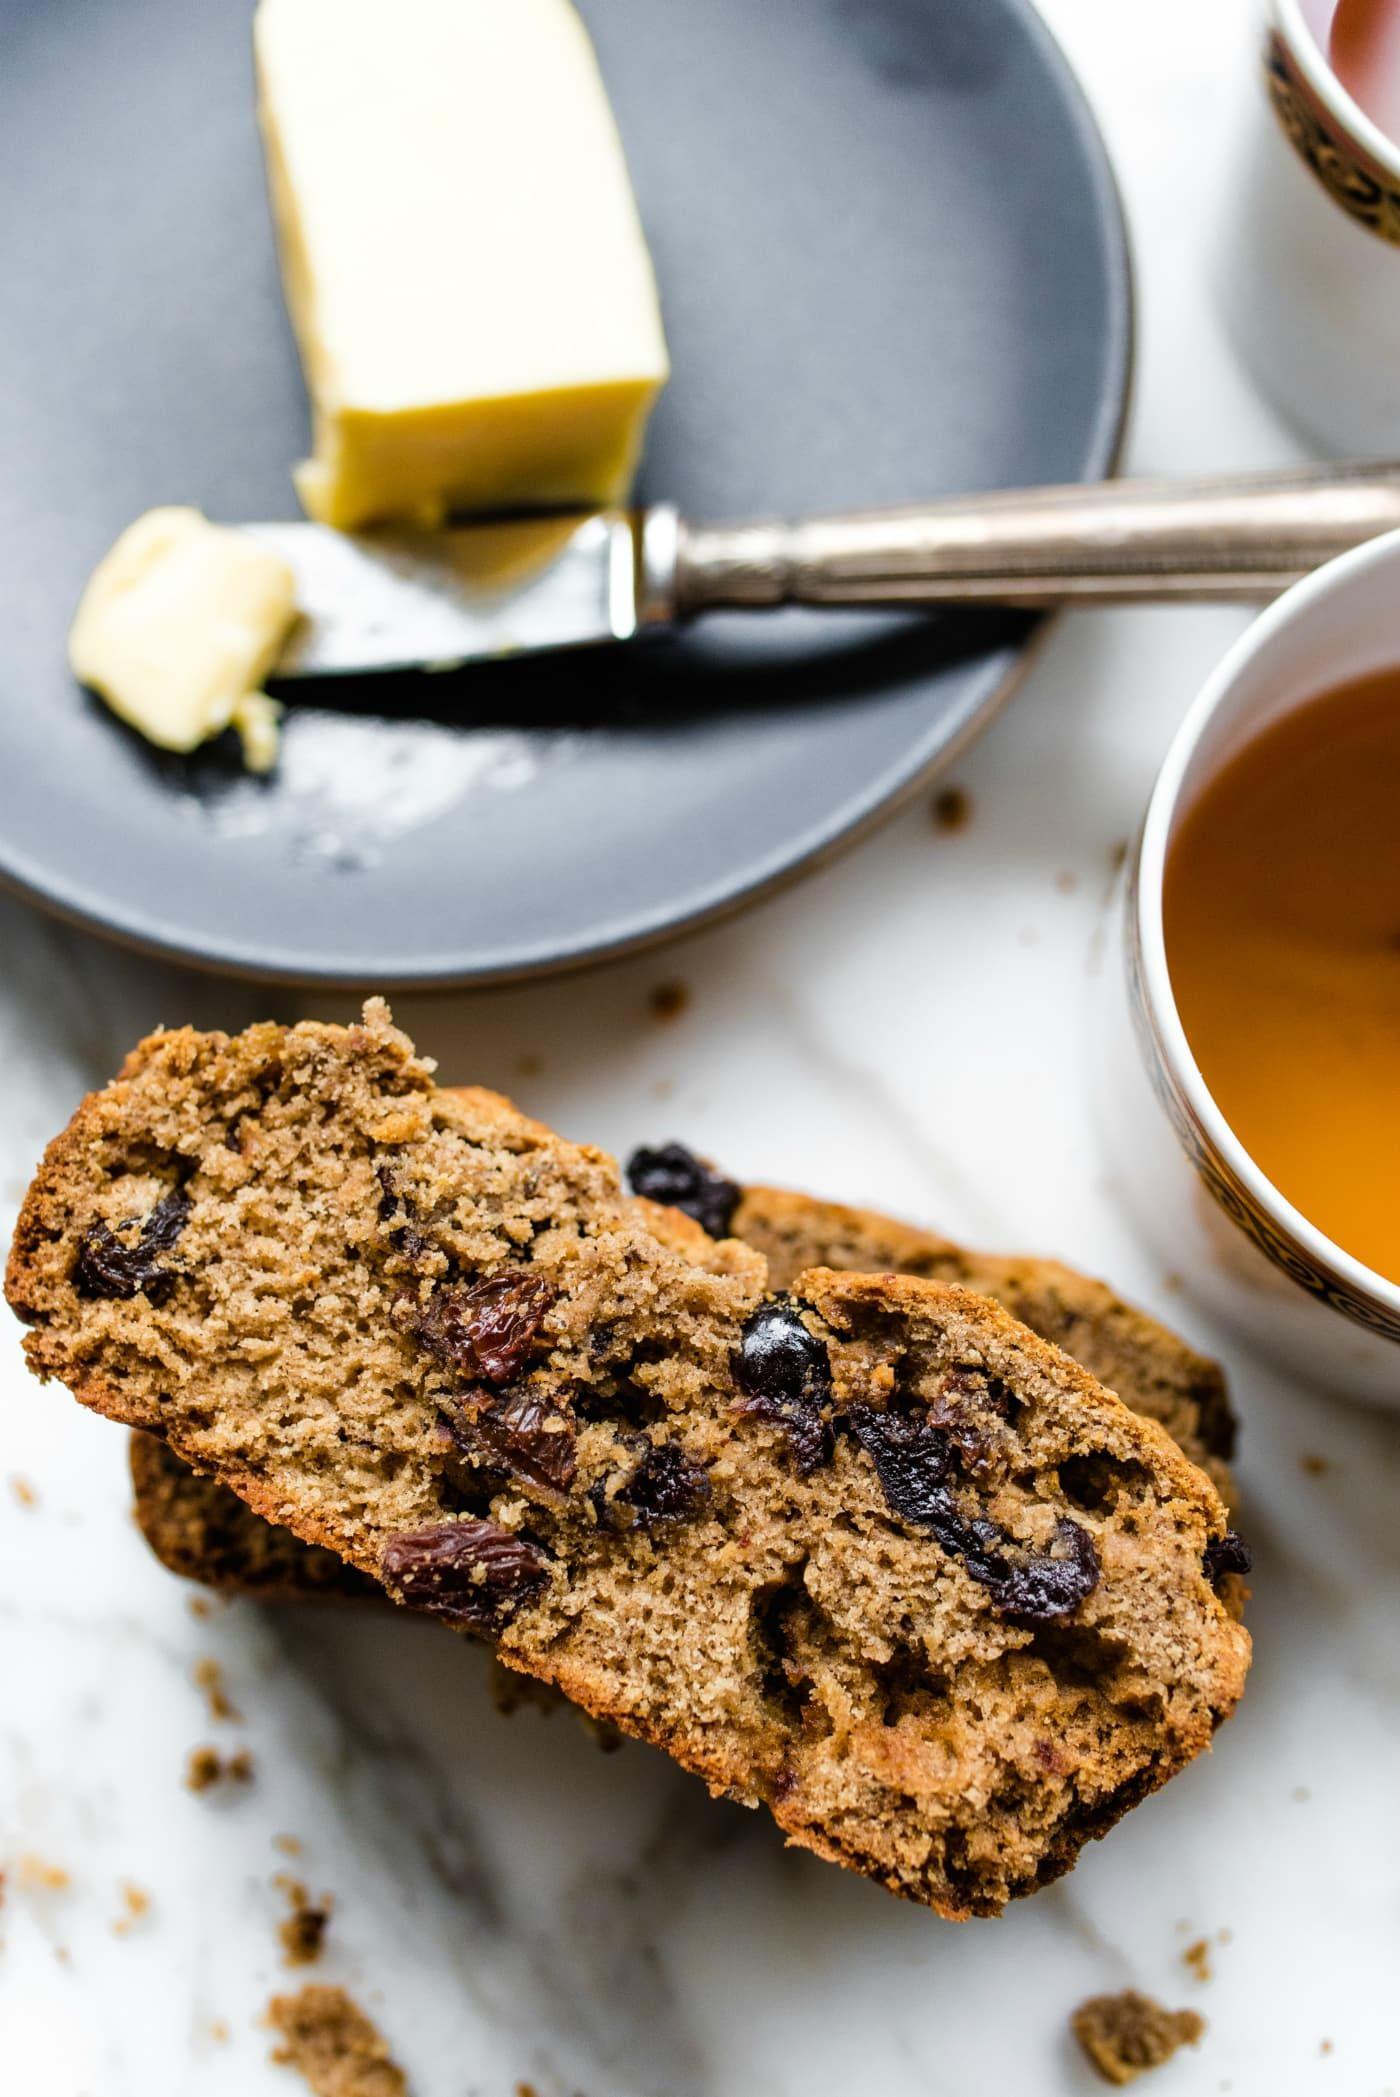 Irish Barmbrack Bread Recipe in 2020 | Recipes, Barmbrack ...